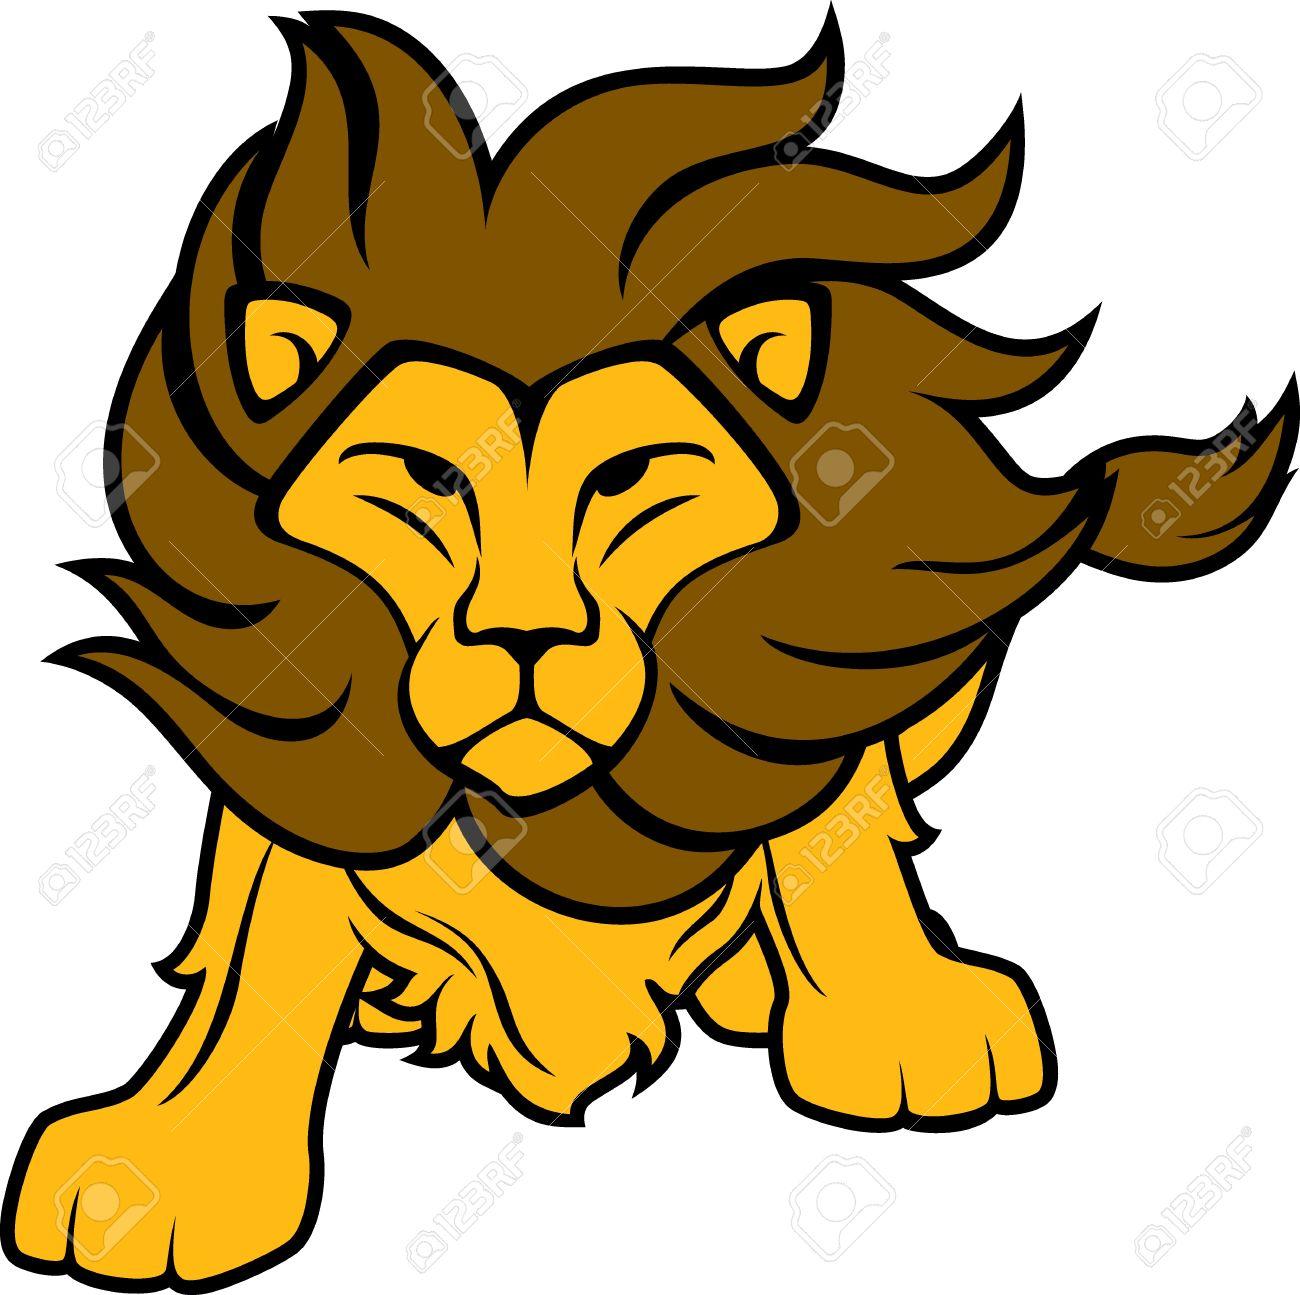 Brave brave lion